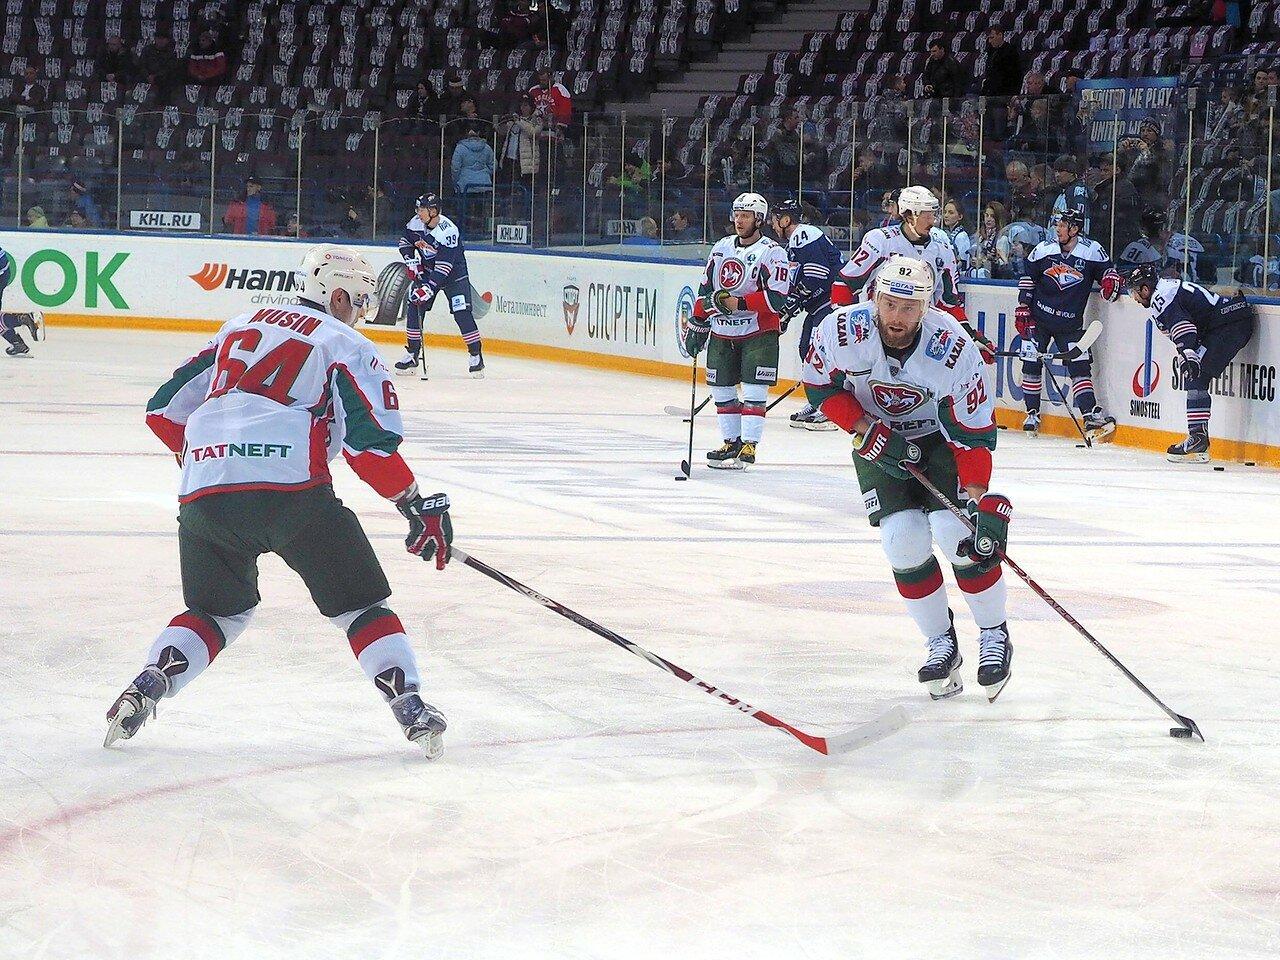 13 Первая игра финала плей-офф восточной конференции 2017 Металлург - АкБарс 24.03.2017